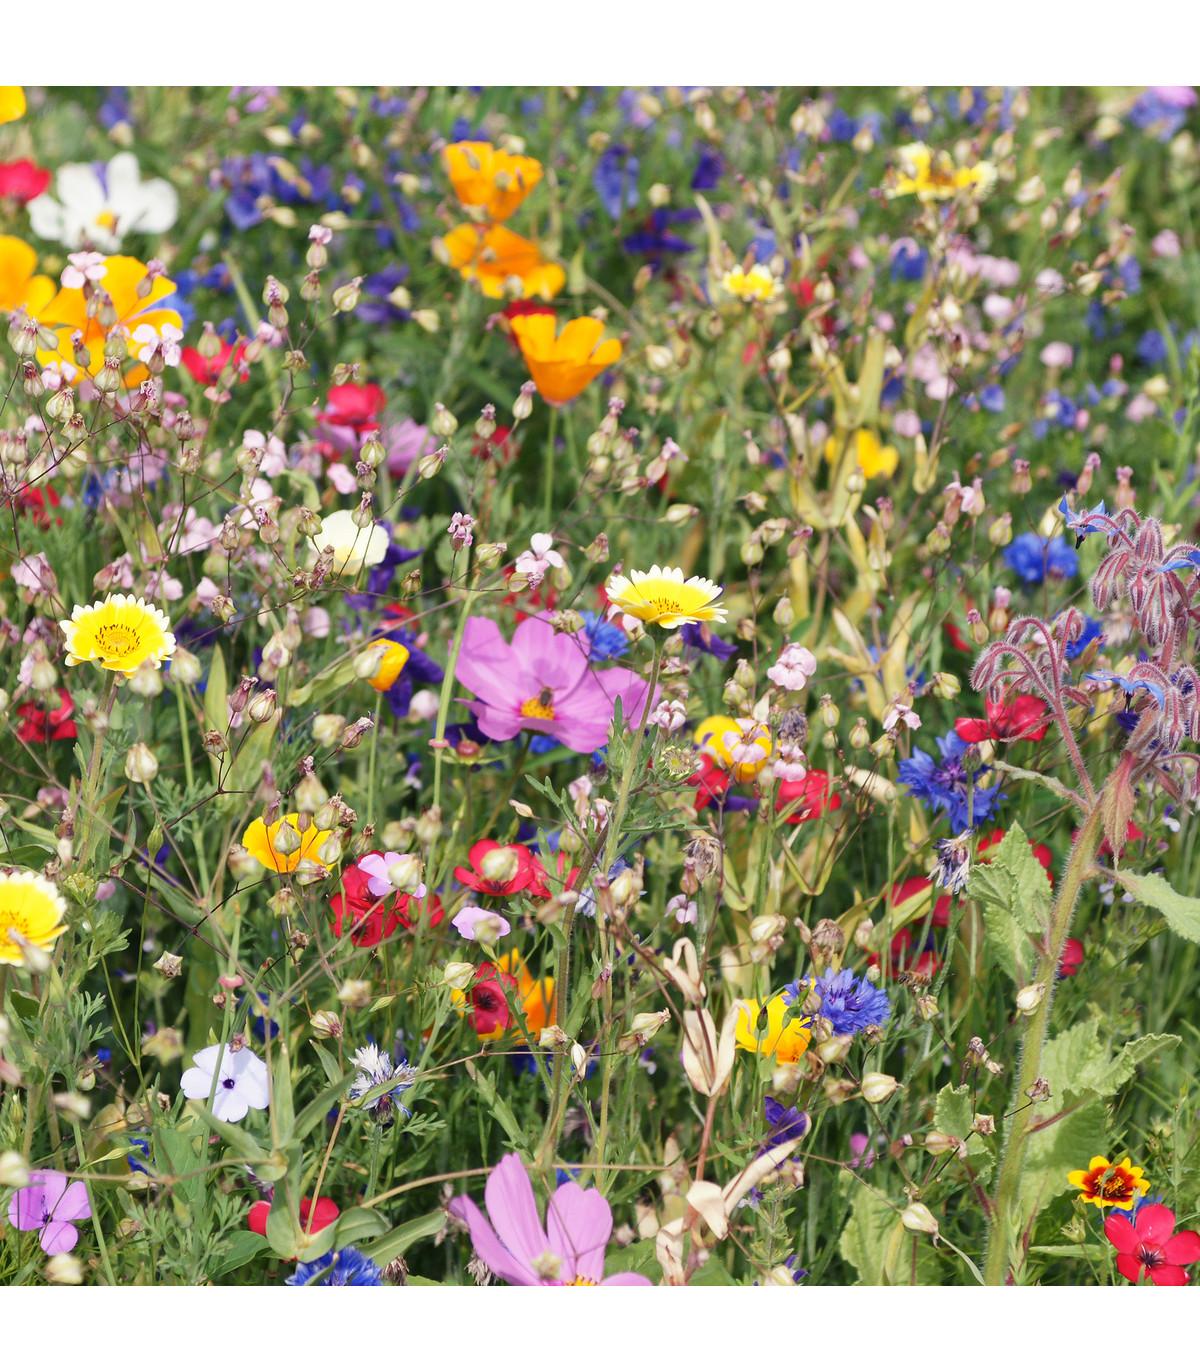 Louka starých časů - osivo Planta Naturalis - směs lučních květin - 50 g